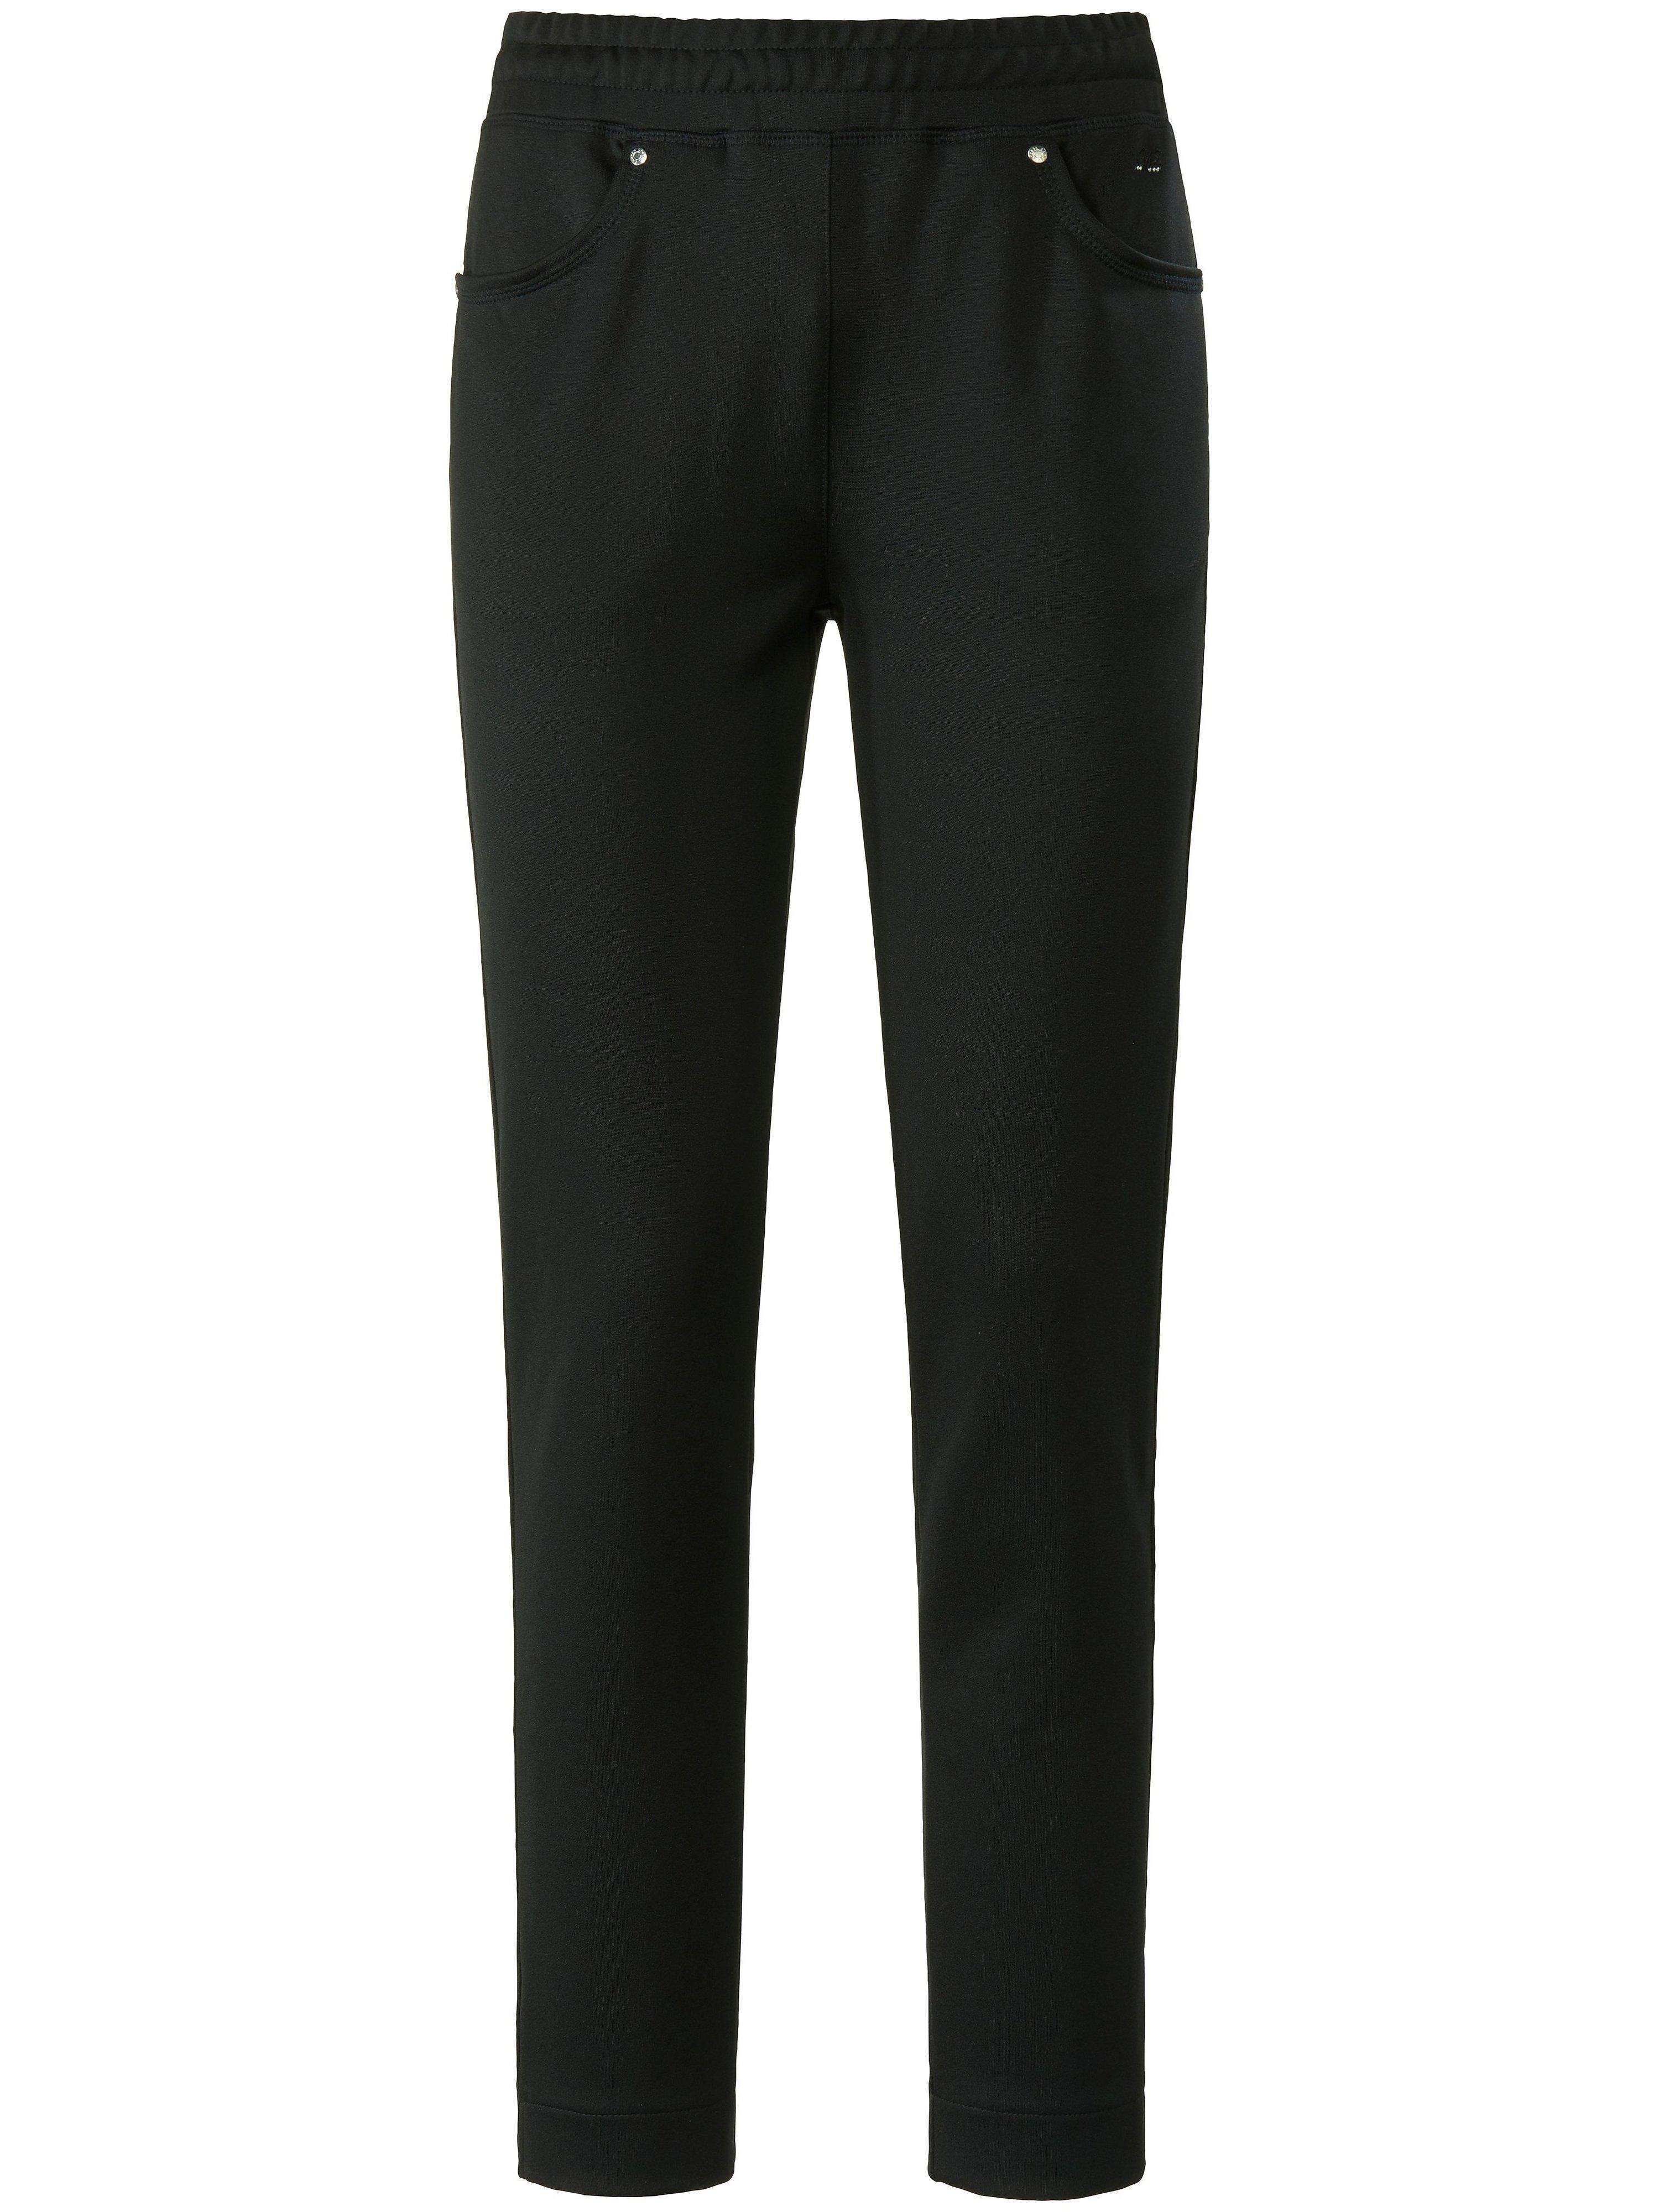 Le pantalon longueur chevilles taille élastiquée  Canyon noir taille 50